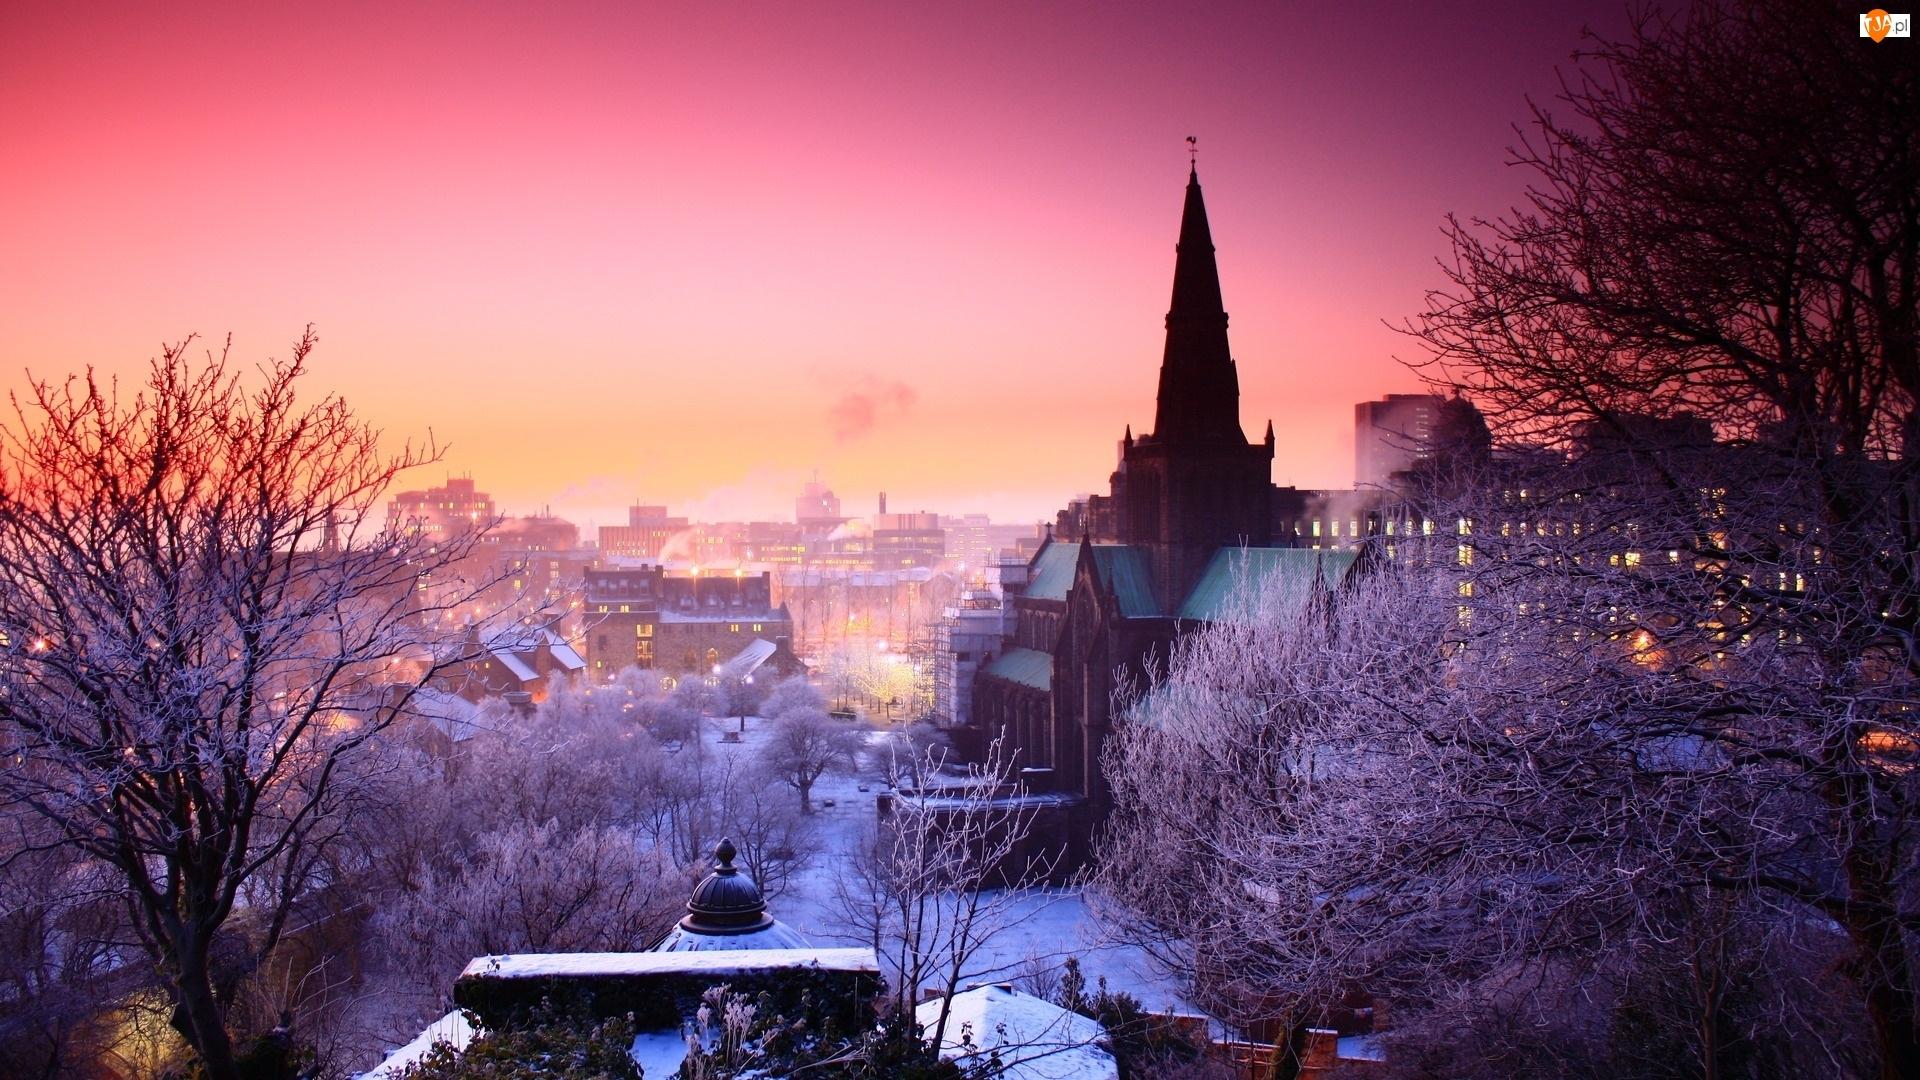 Drzewa, Szkocja, Zima, Kościół, Budynki, Wielka Brytania, Glasgow